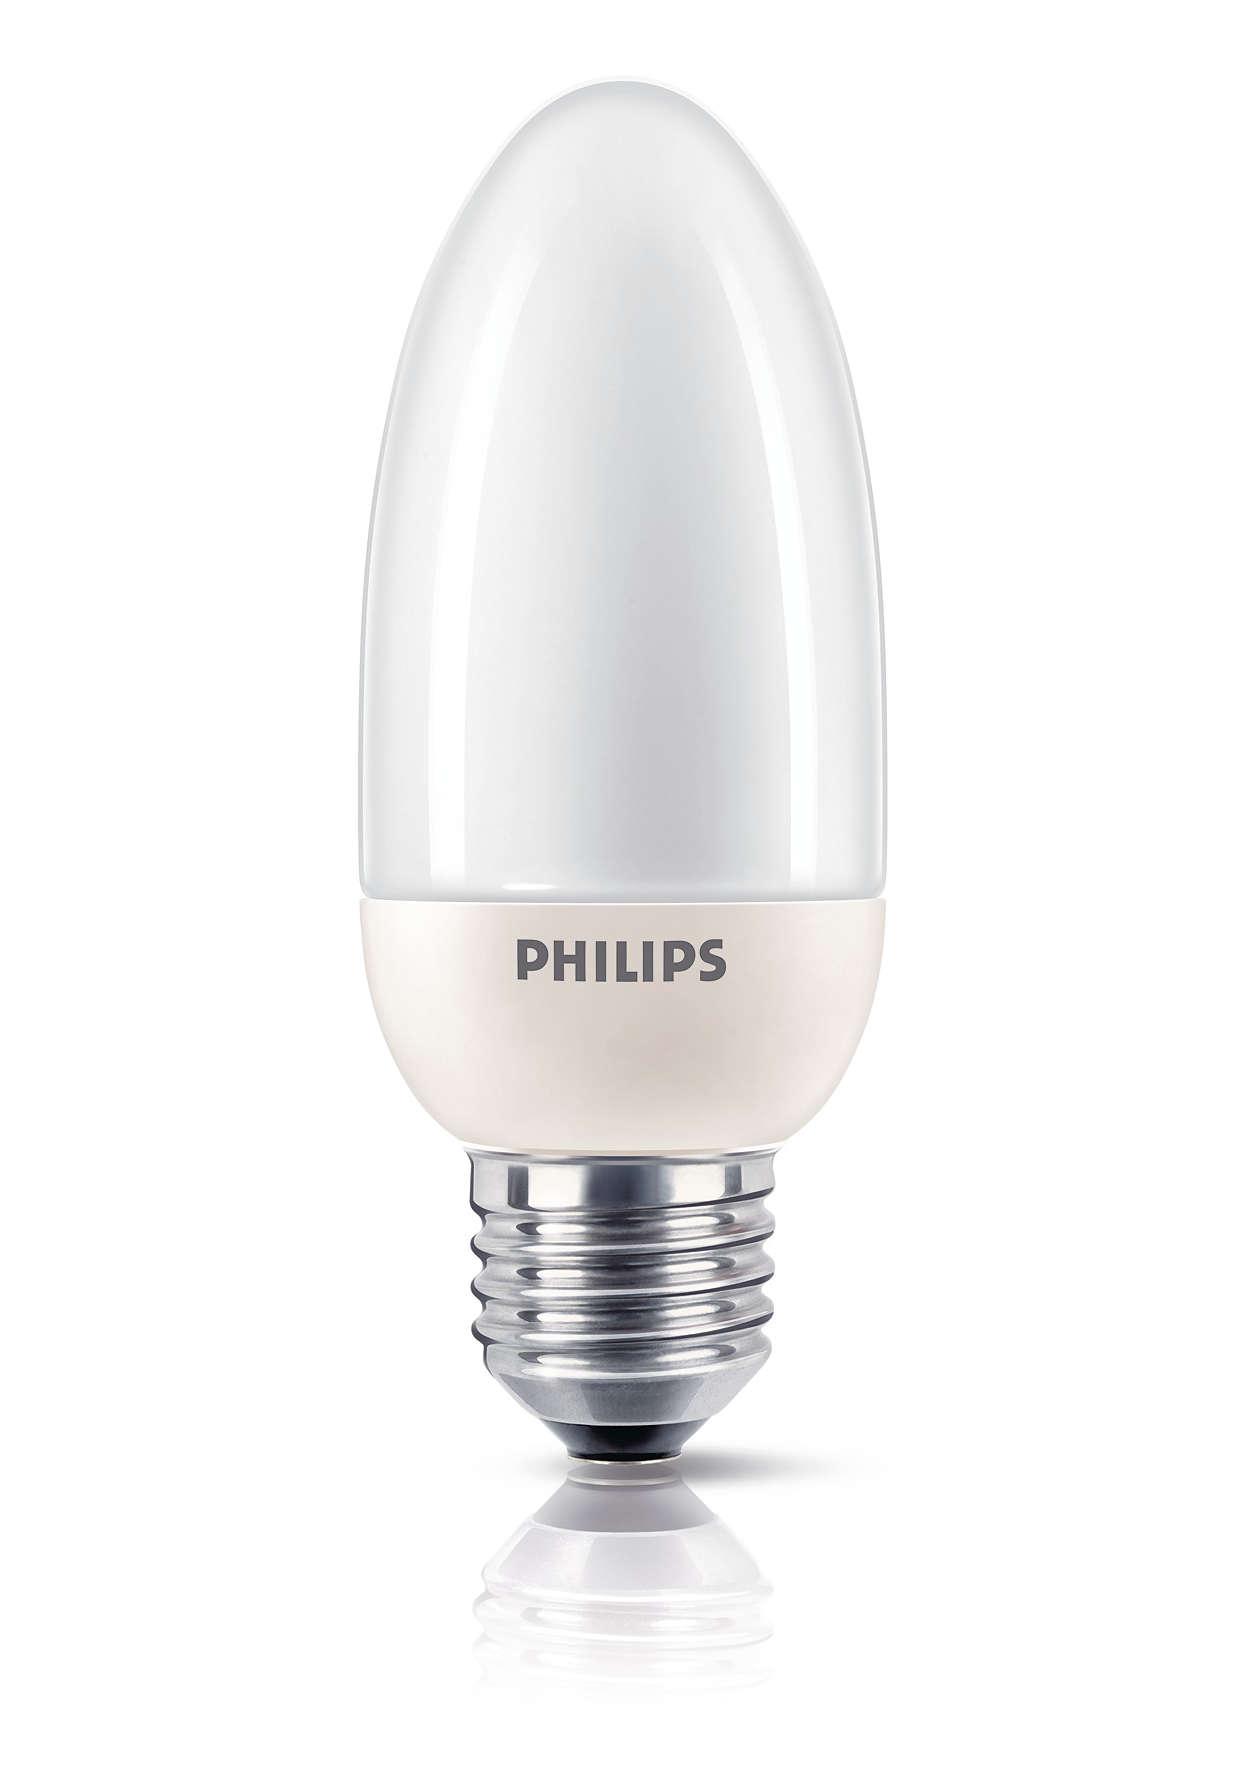 Komfort oświetlenia i funkcja dekoracyjna